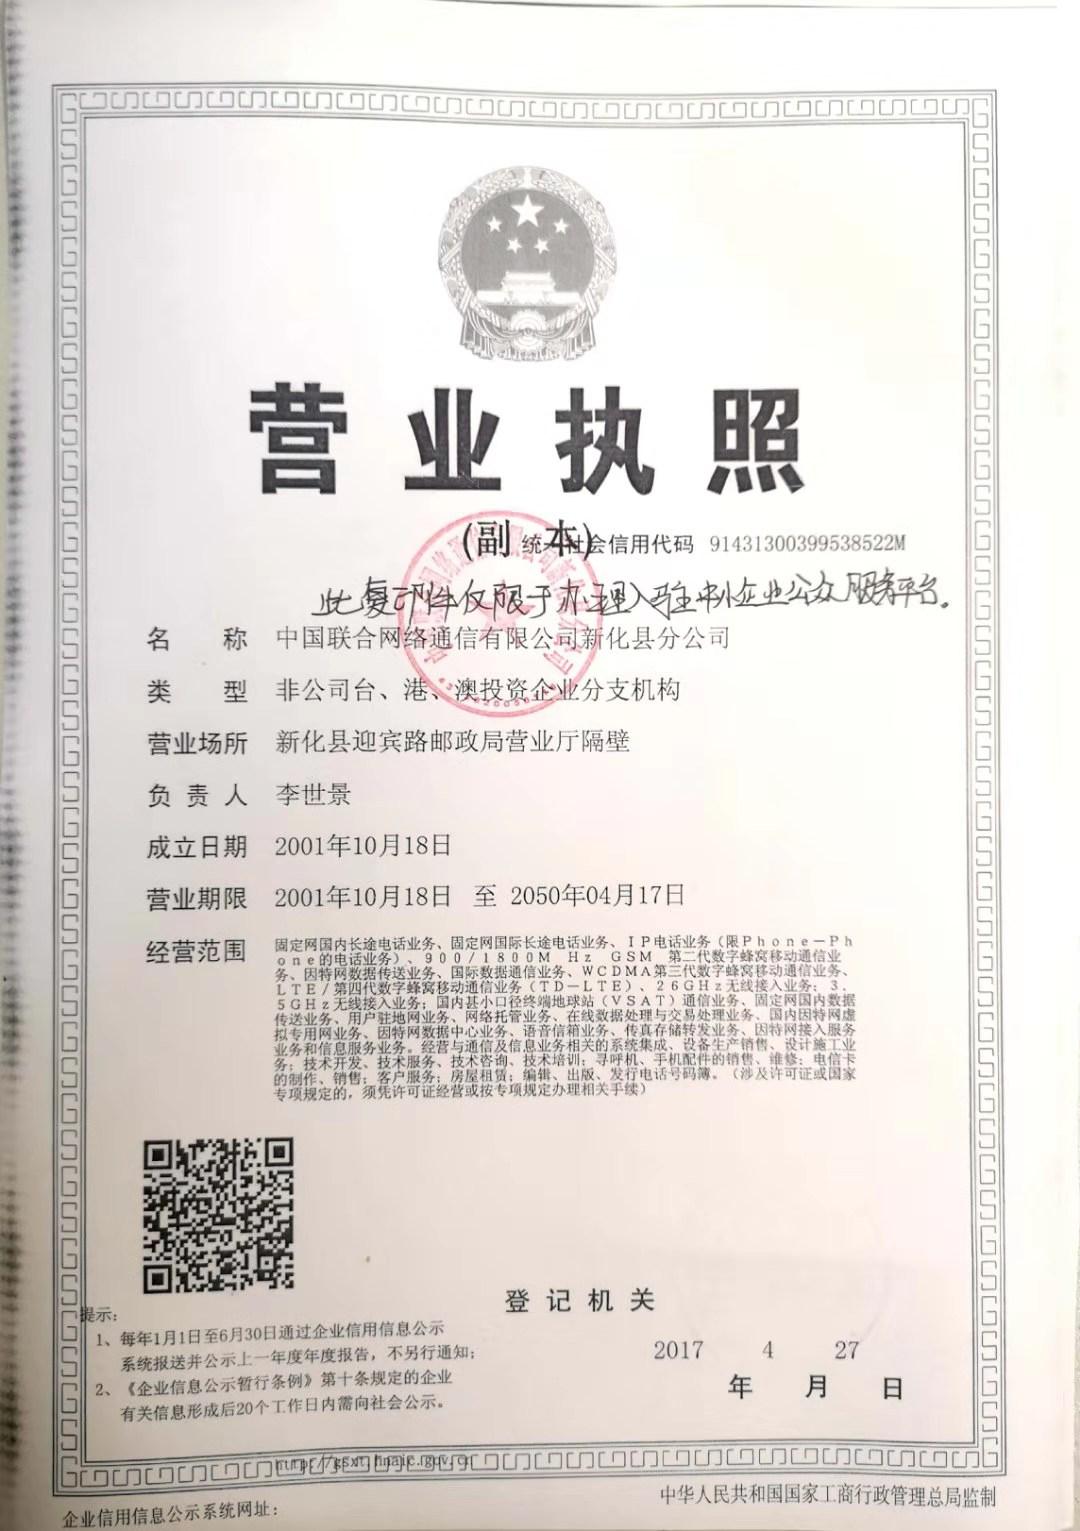 中国联合网络通信有限公司新化分公司